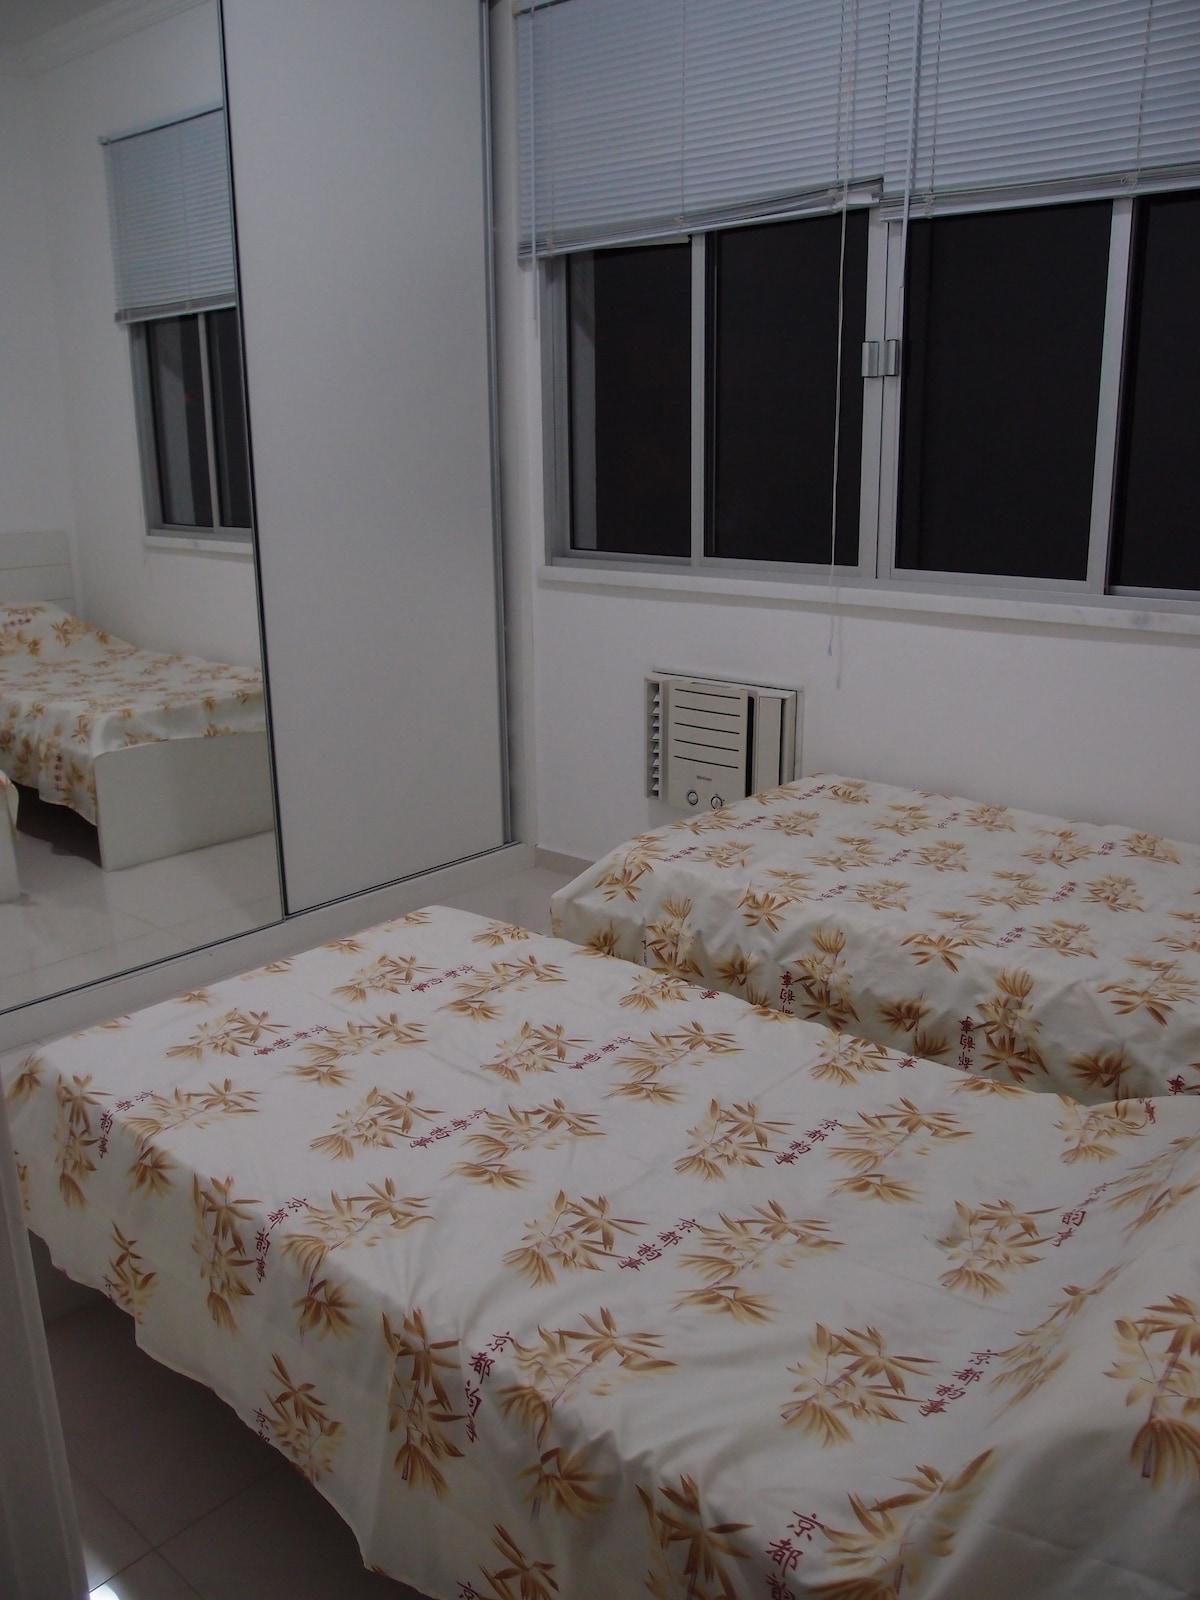 2 beds room in Copacabana